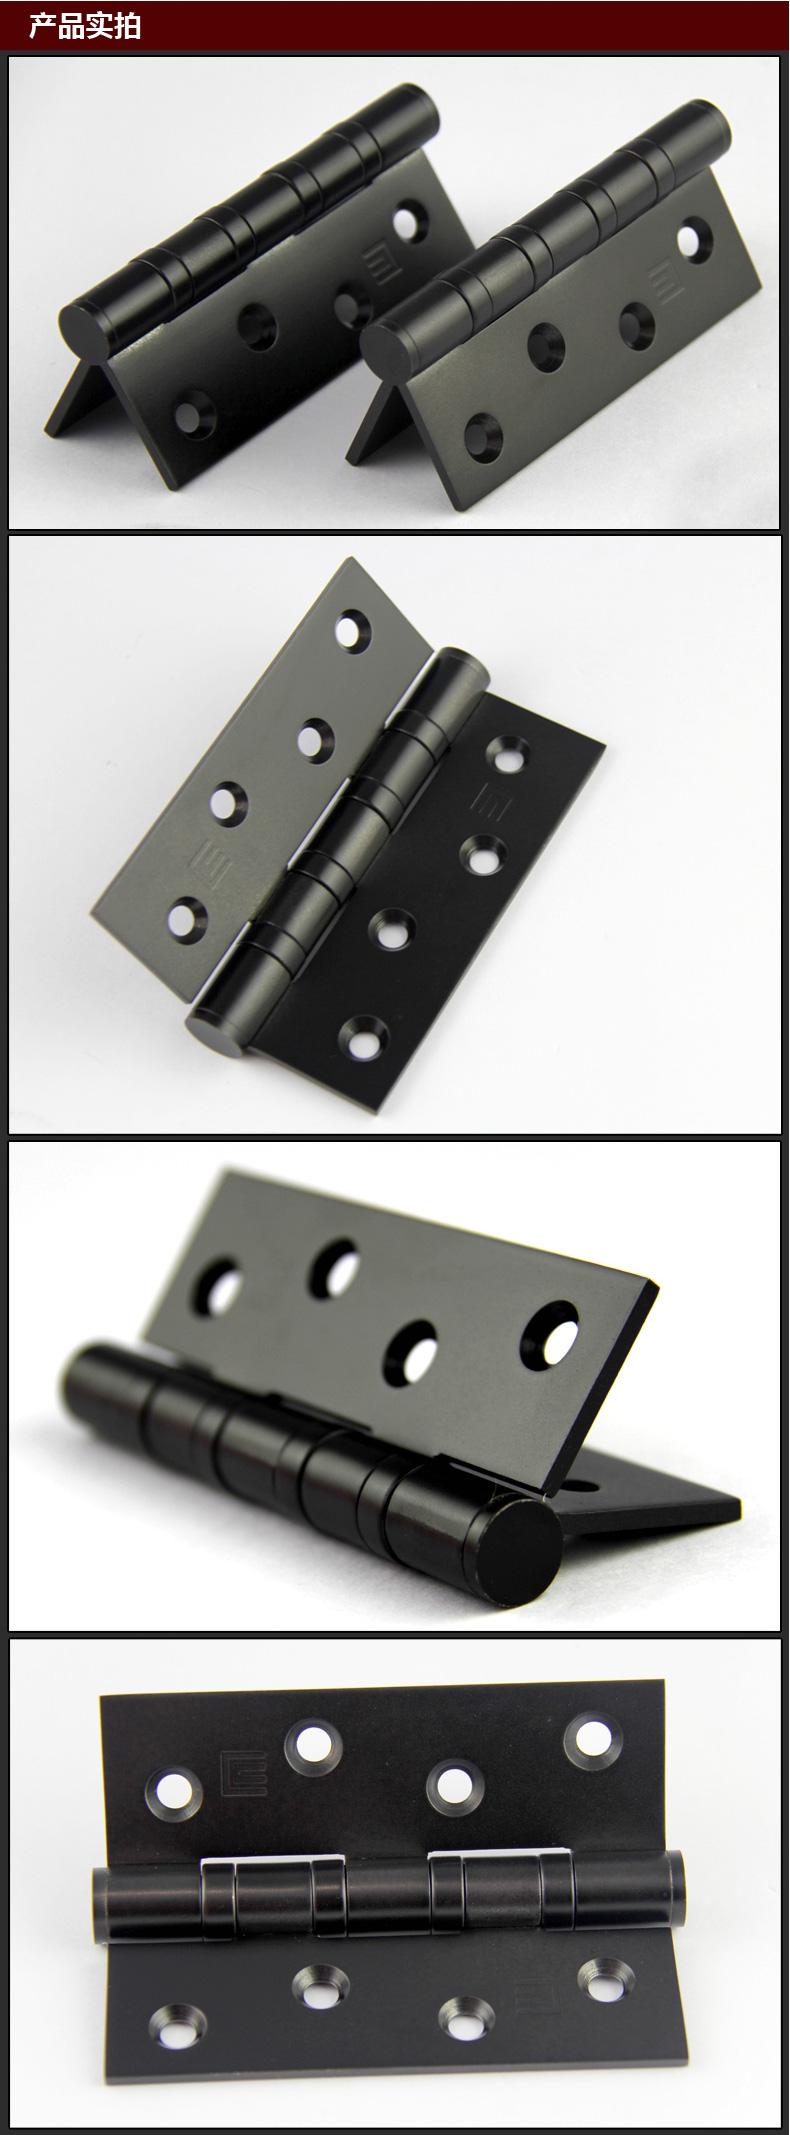 名门黑色门锁-室内静音锁具三件套装_08.jpg